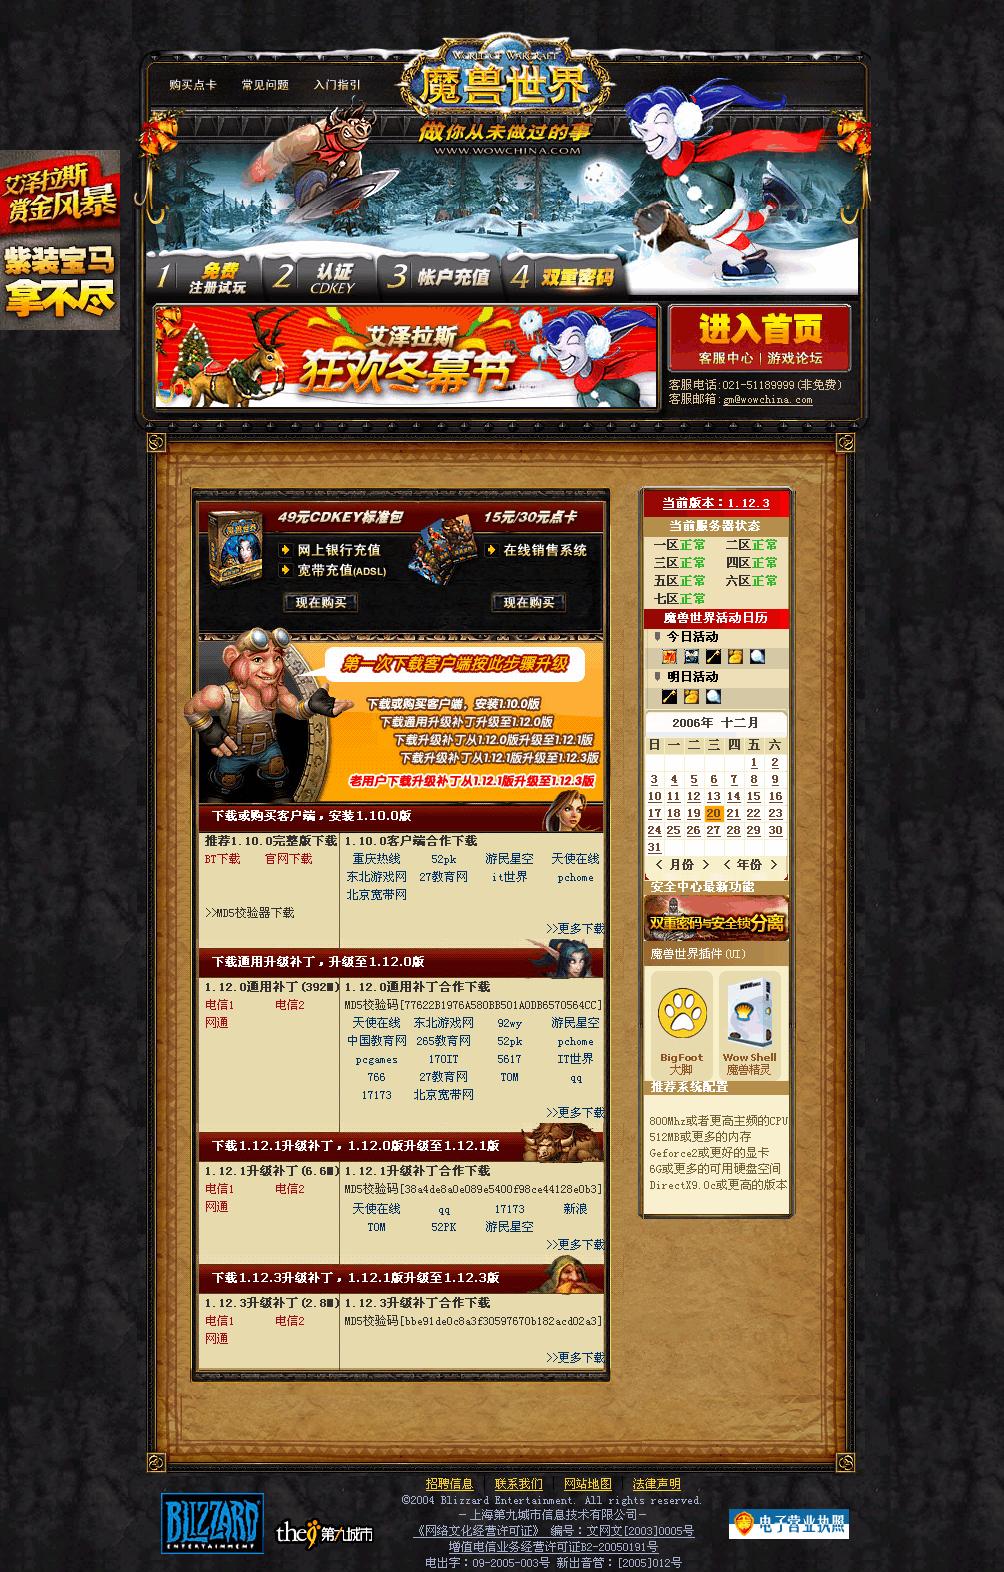 还记得十年前的魔兽世界域名是什么吗?